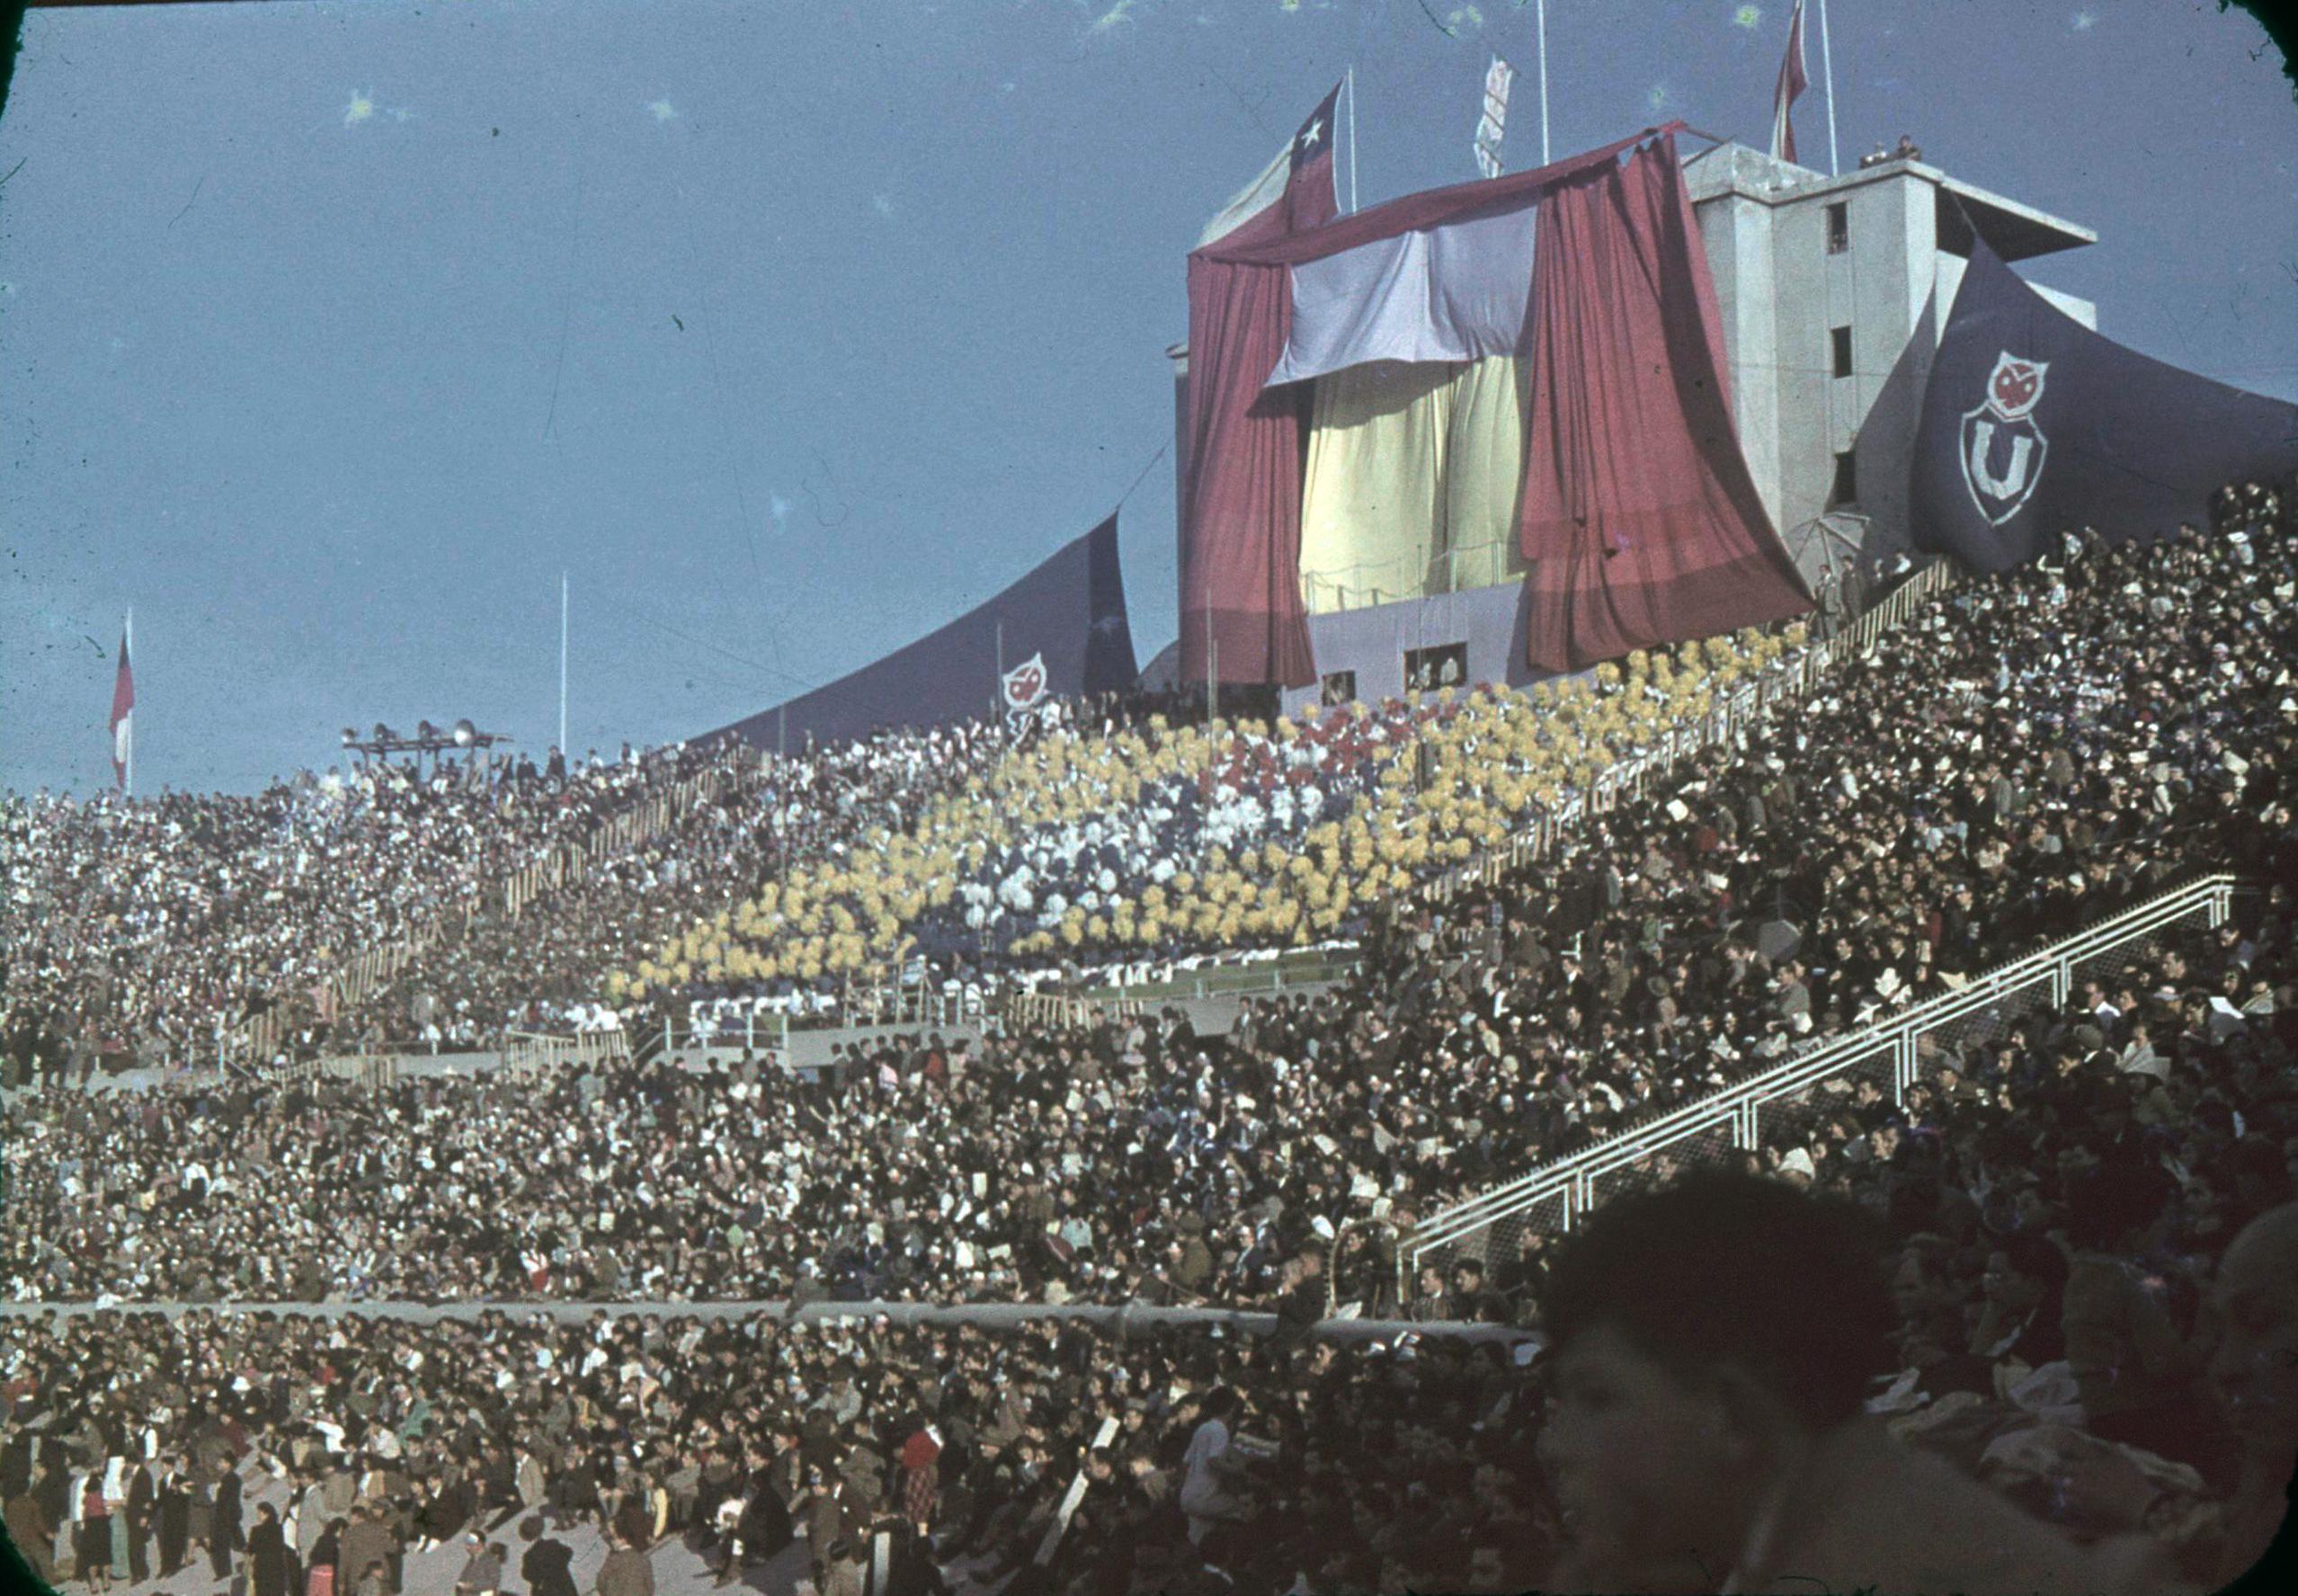 Enterreno - Fotos históricas de chile - fotos antiguas de Chile - Clásico Universitario en 1945